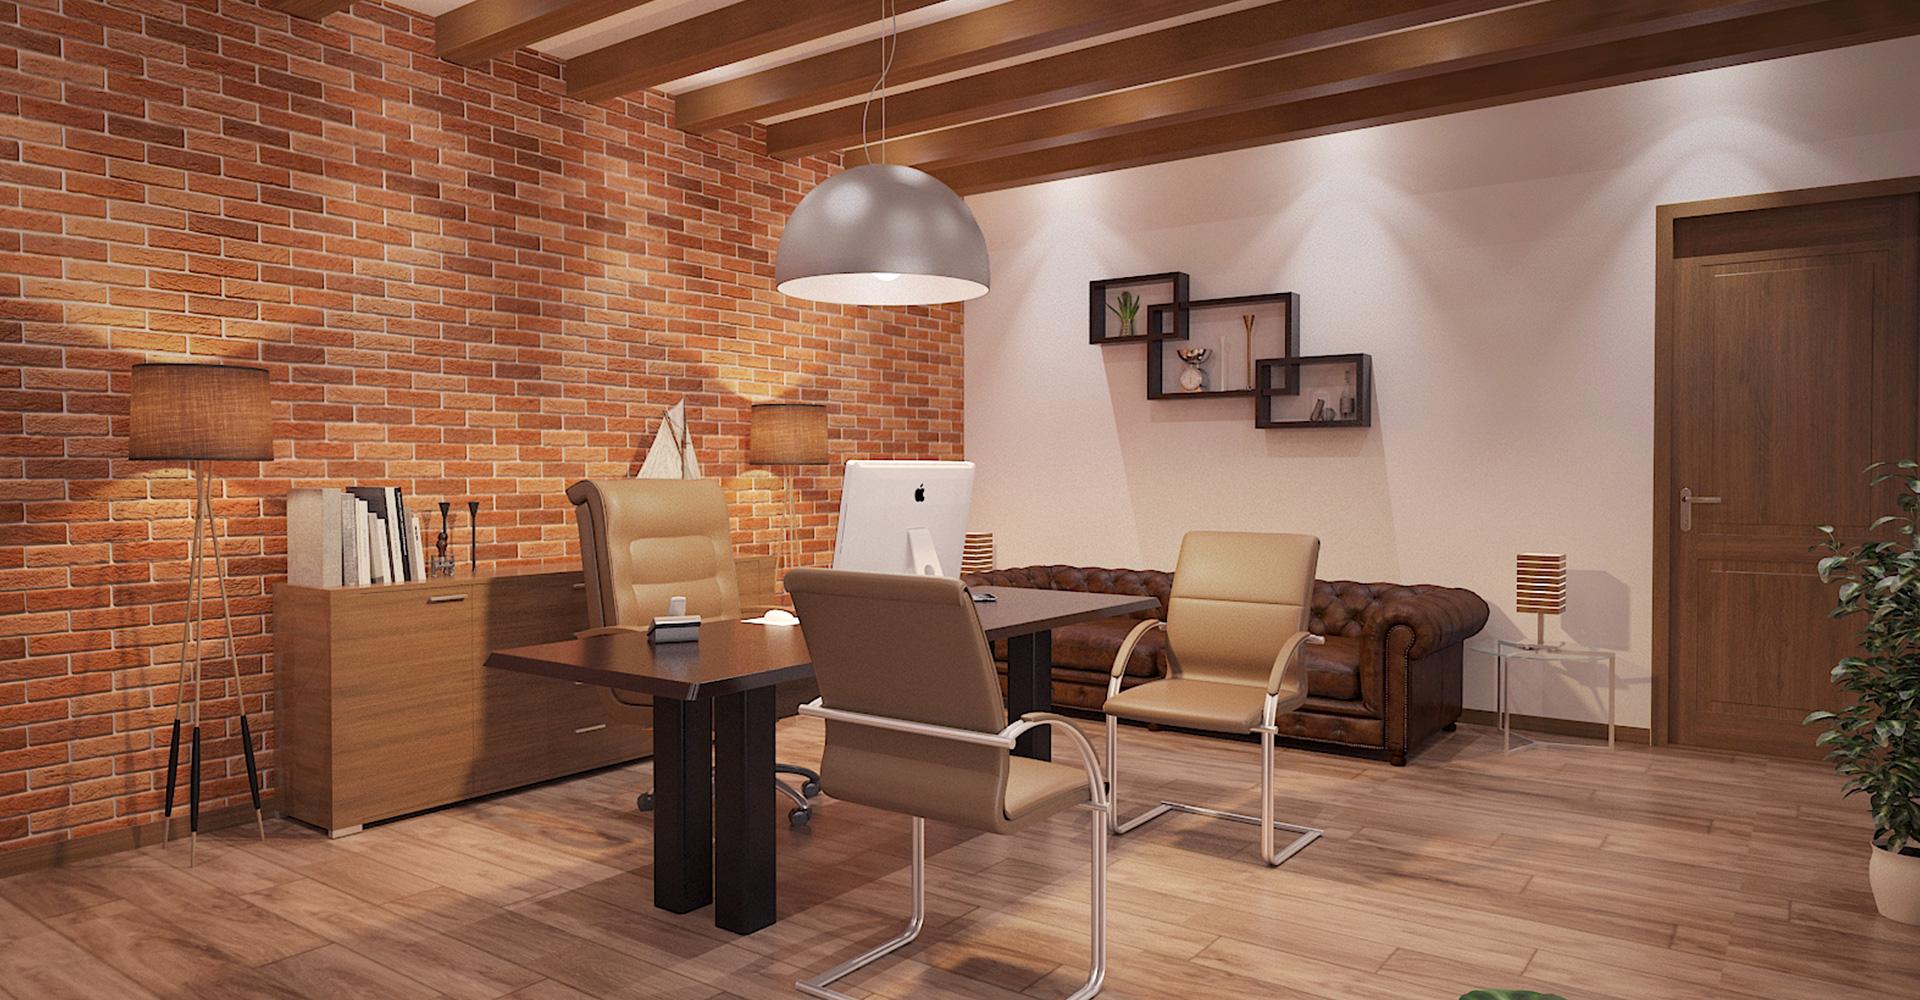 Residential-Interior-Design-Hiline-Lahore-portfolio-65J-DHA-EME-05 (61)